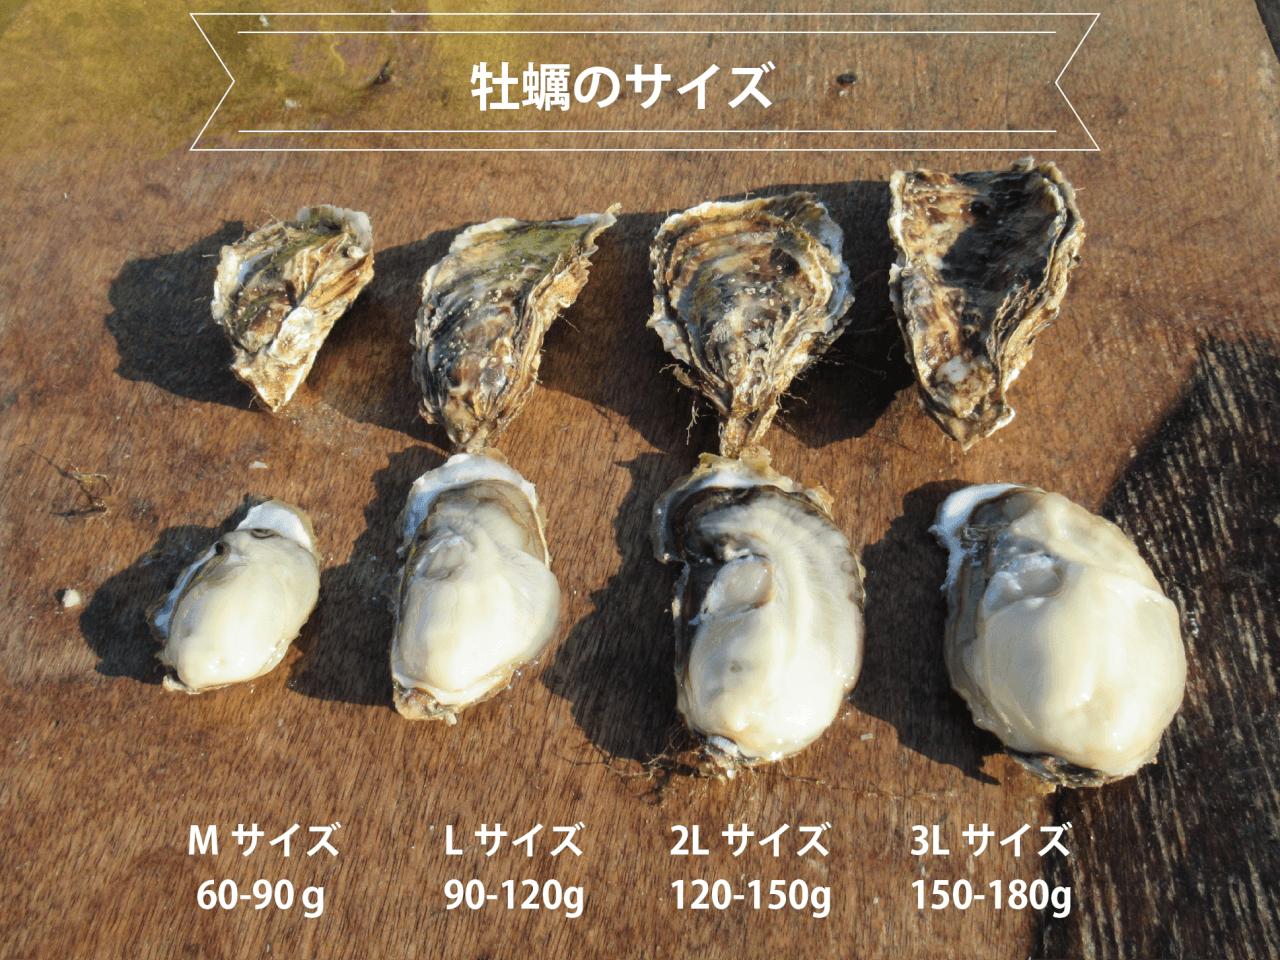 厚岸牡蠣マルえもんの大きさ